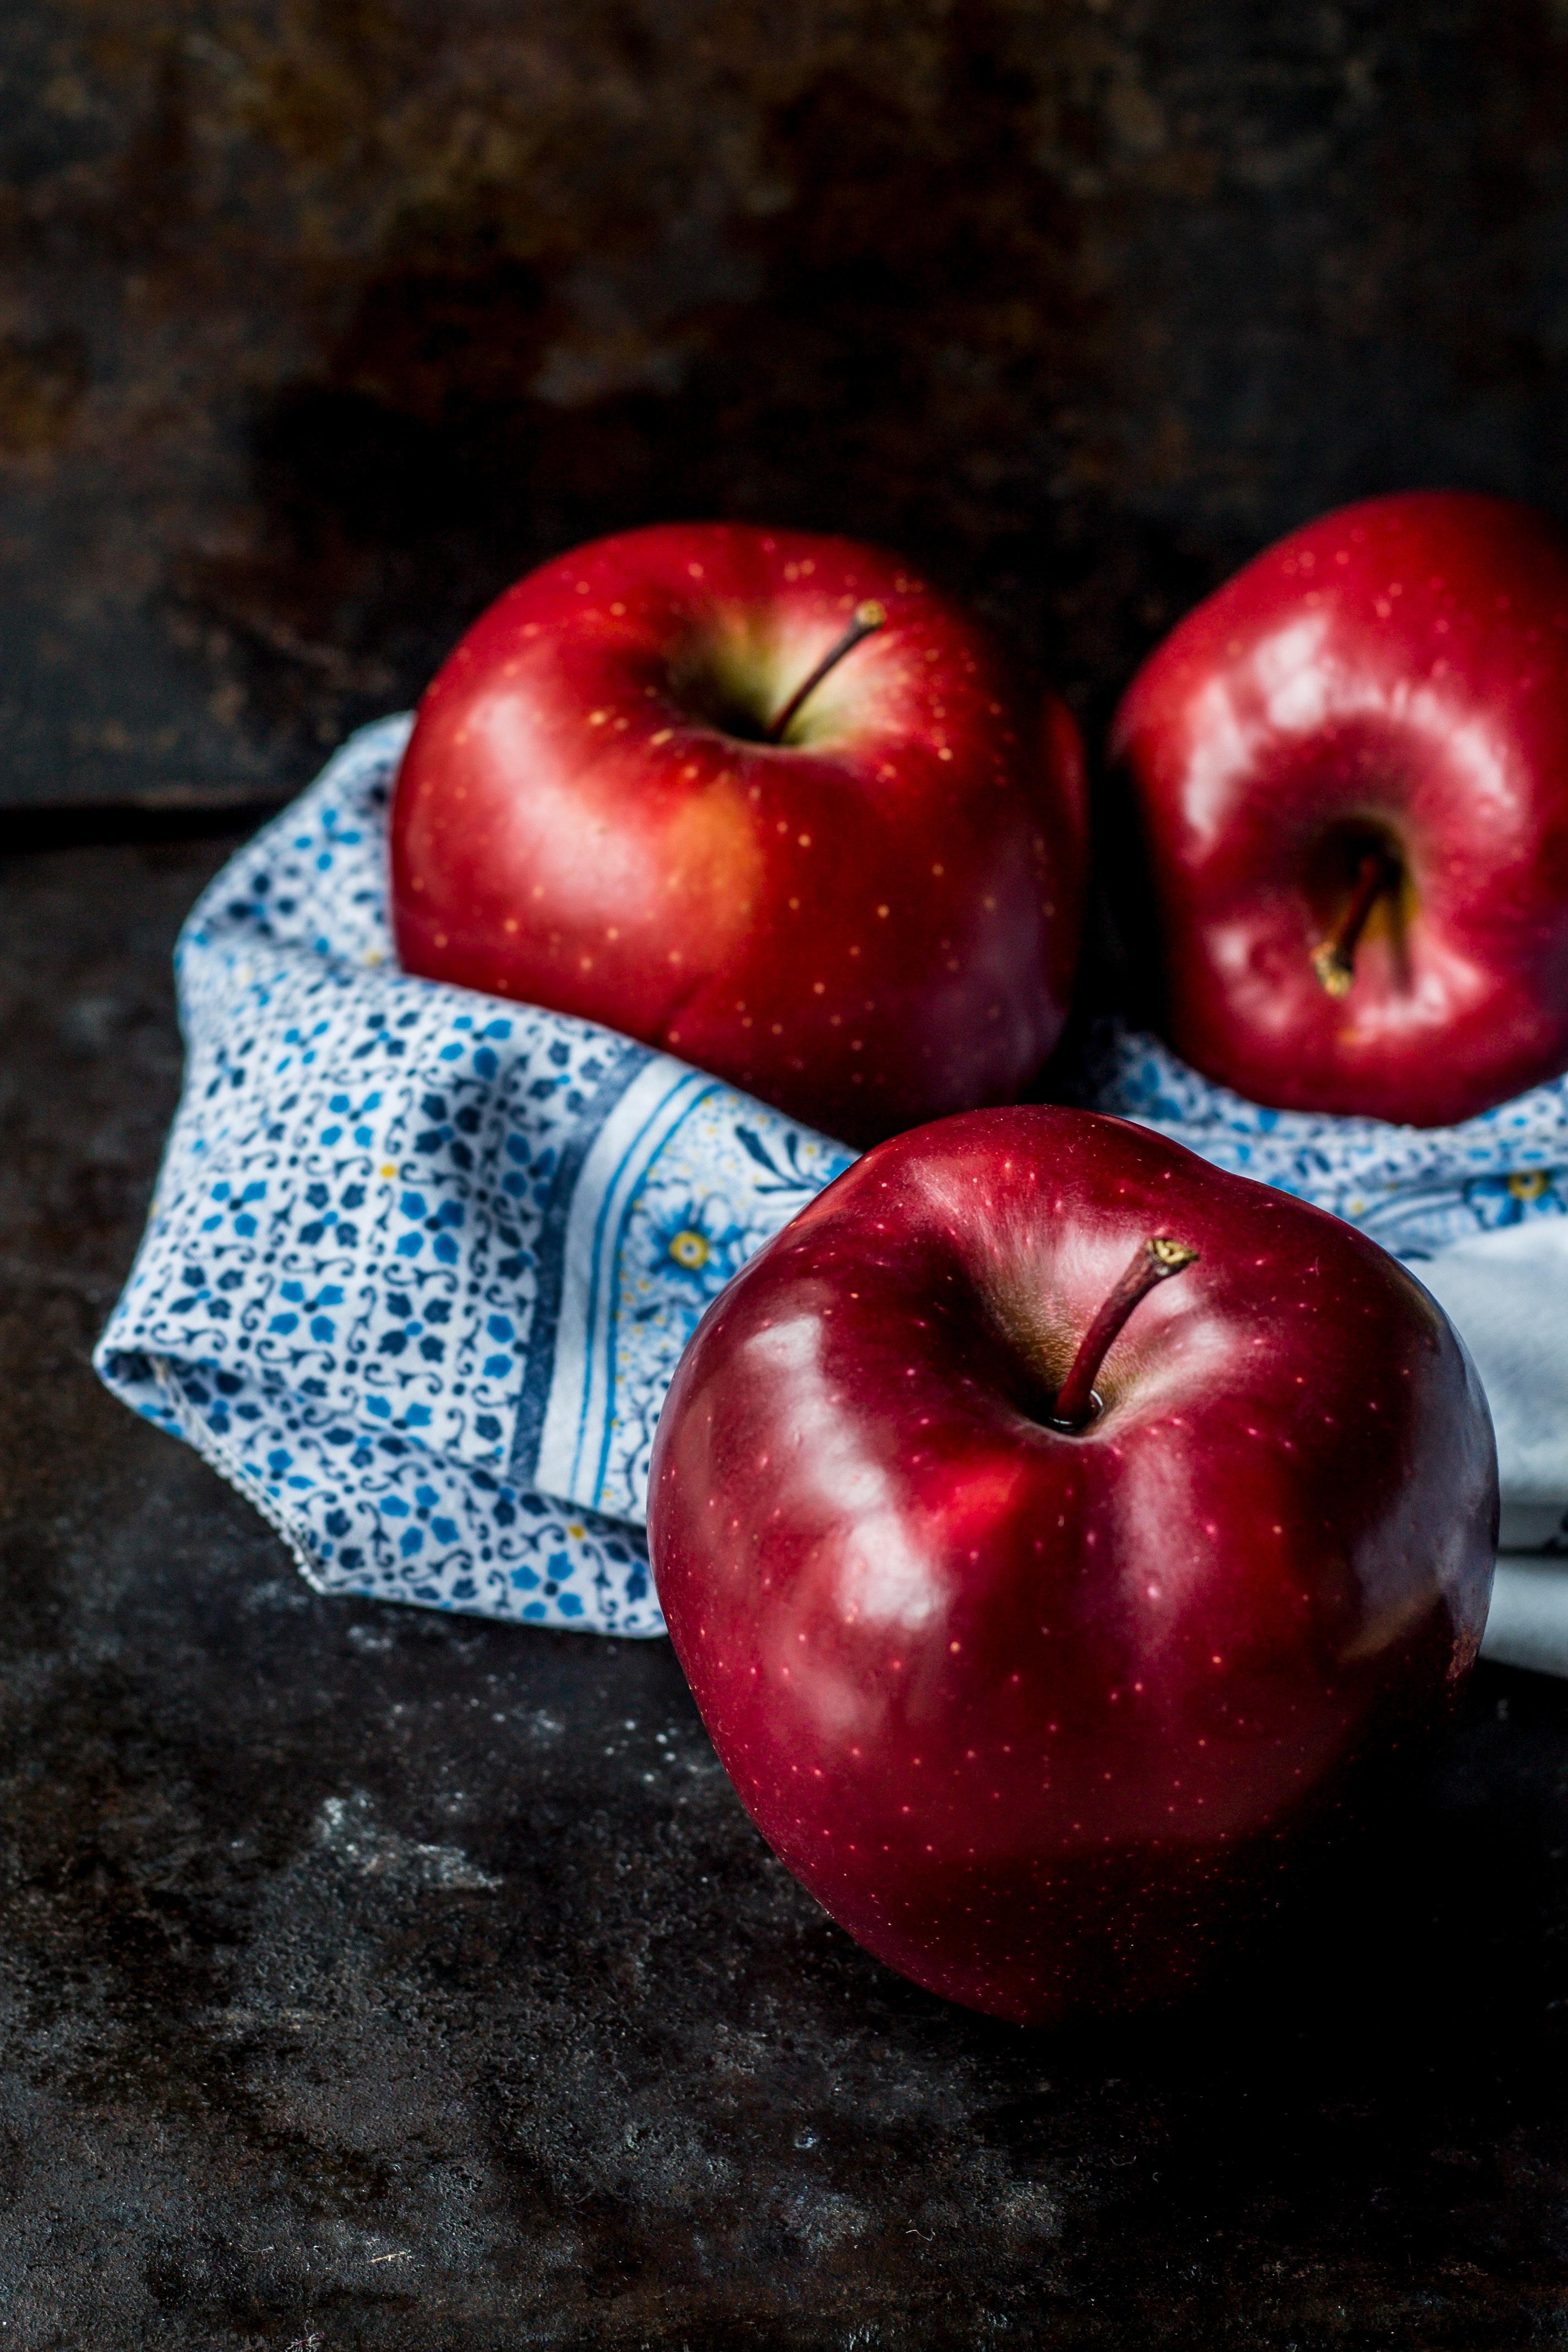 hình ảnh : thực vật, trái cây, món ăn, Đỏ, Sản xuất, lanh, Vẫn còn sống, bức vẽ, táo đỏ, quả anh đào, thực vật có hoa, Gia đình tăng, Nhiếp ảnh ...